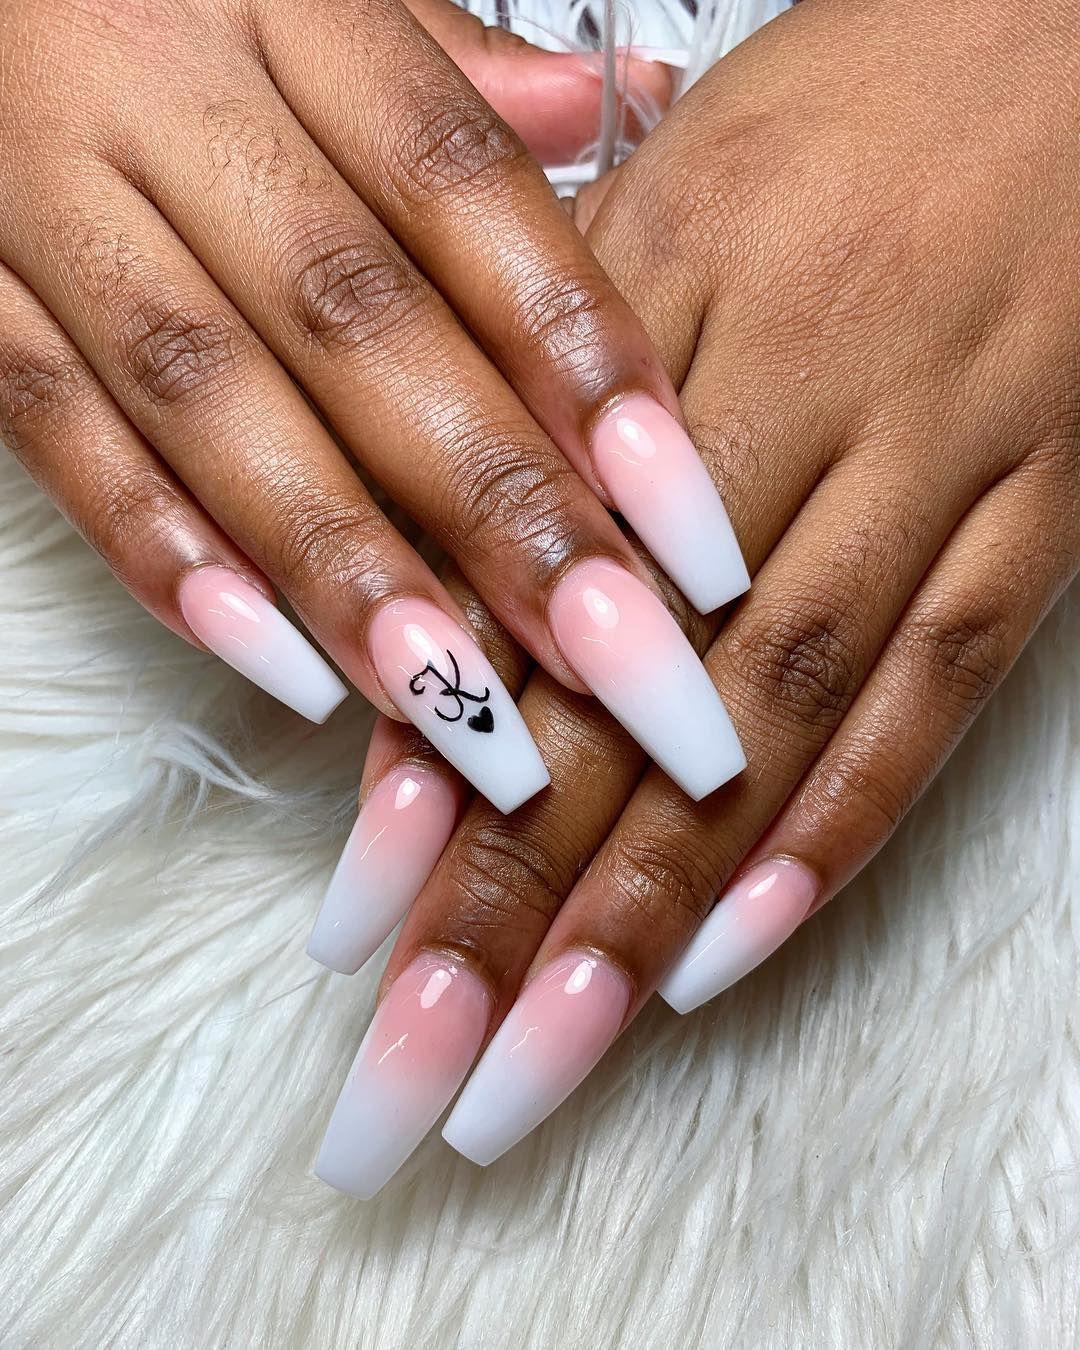 La Manicura Con Iniciales Invade Instagram Invitandonos A Escribir En Nuestras Unas La Primera Let Red Acrylic Nails Purple Acrylic Nails Pretty Acrylic Nails